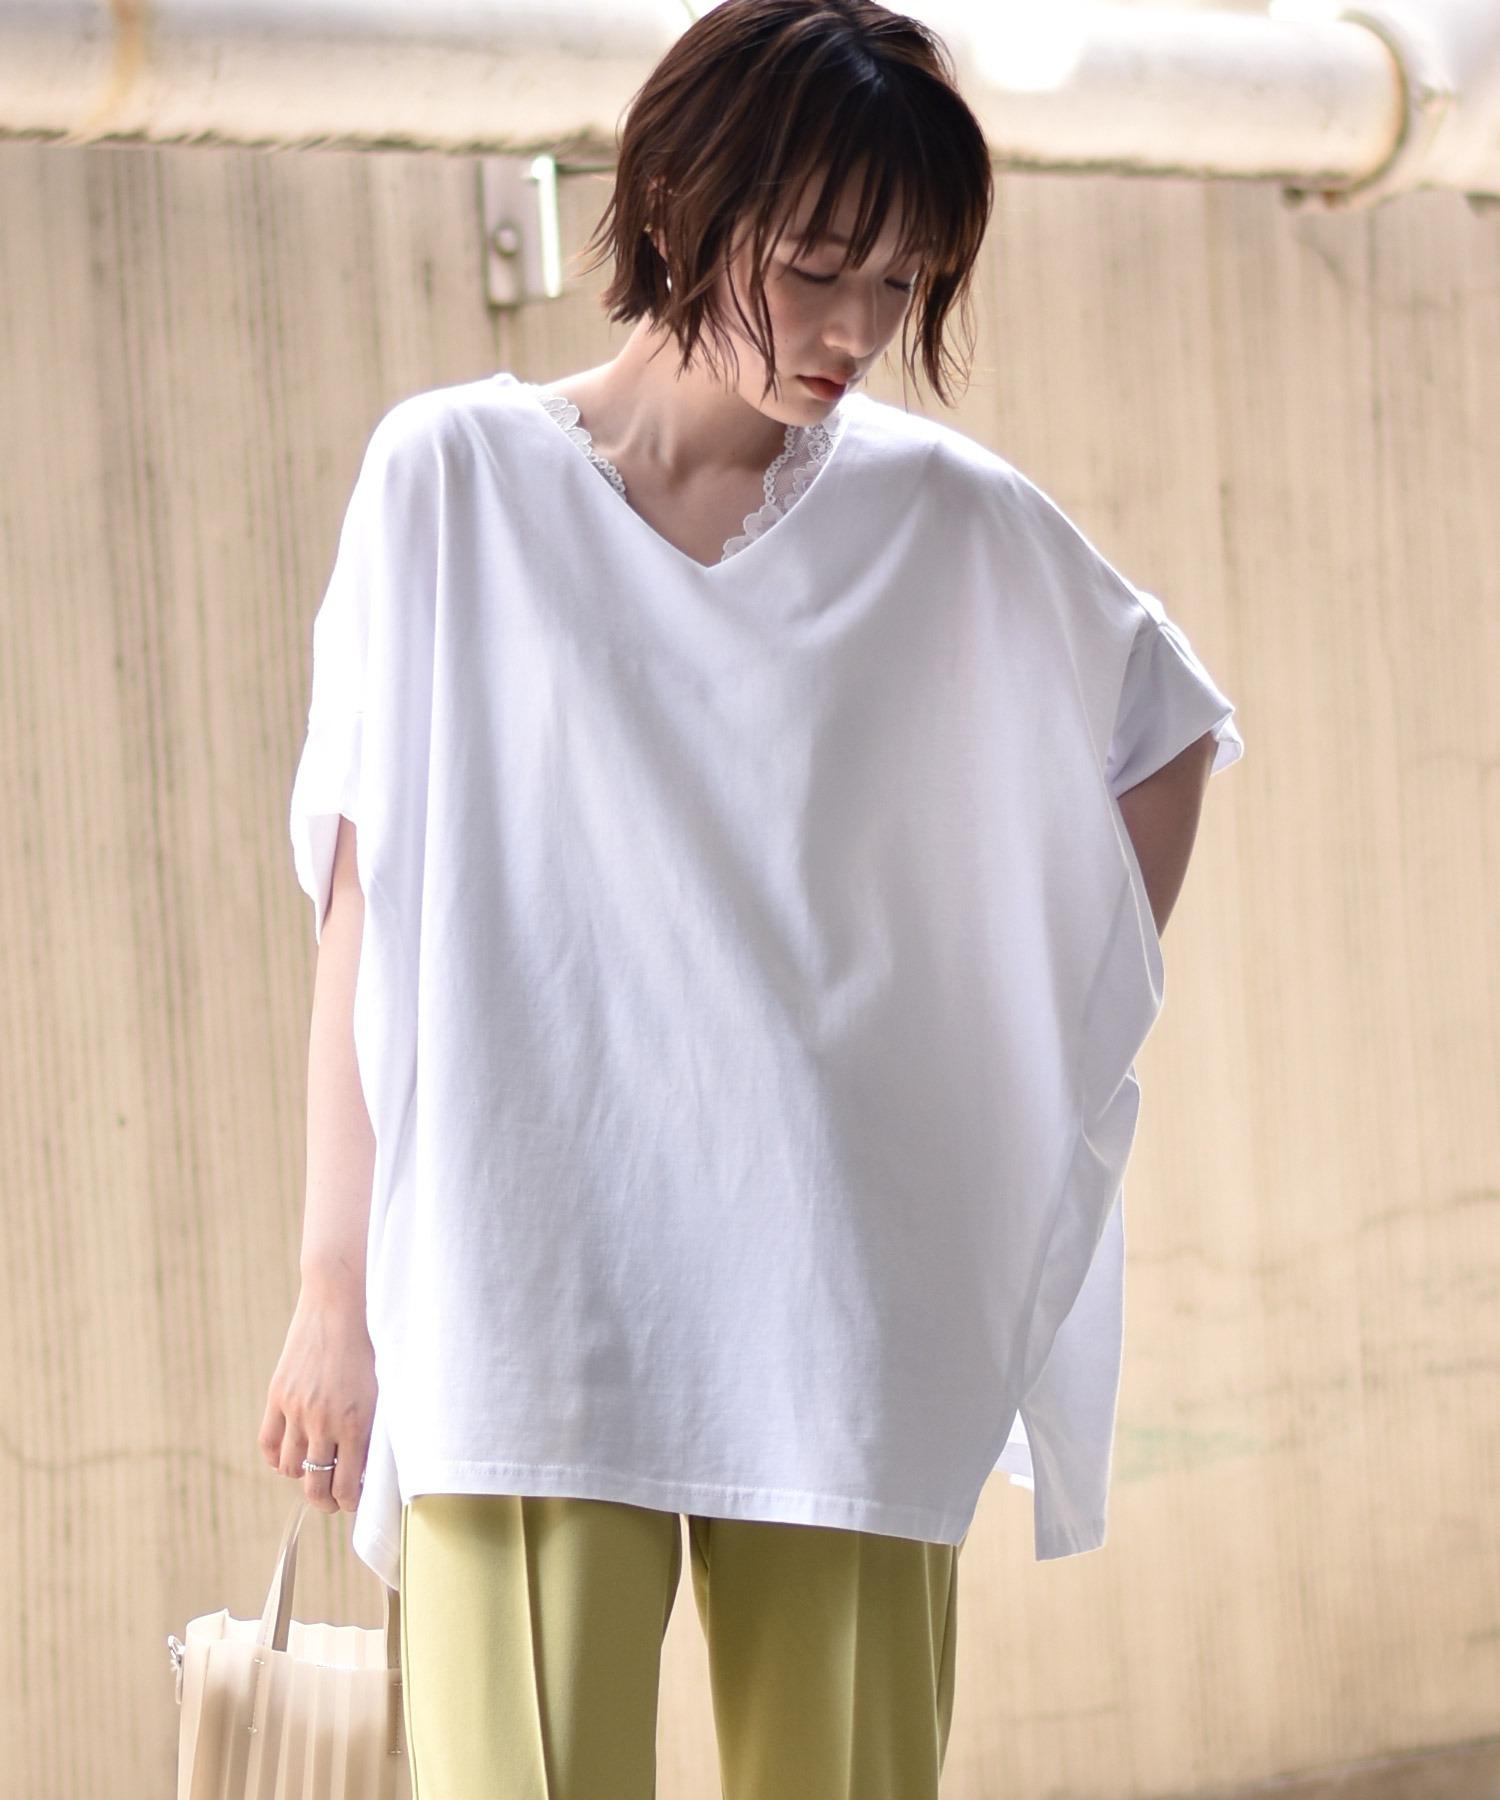 RETRO GIRLチャリティTシャツ/2WAYドルマントップス